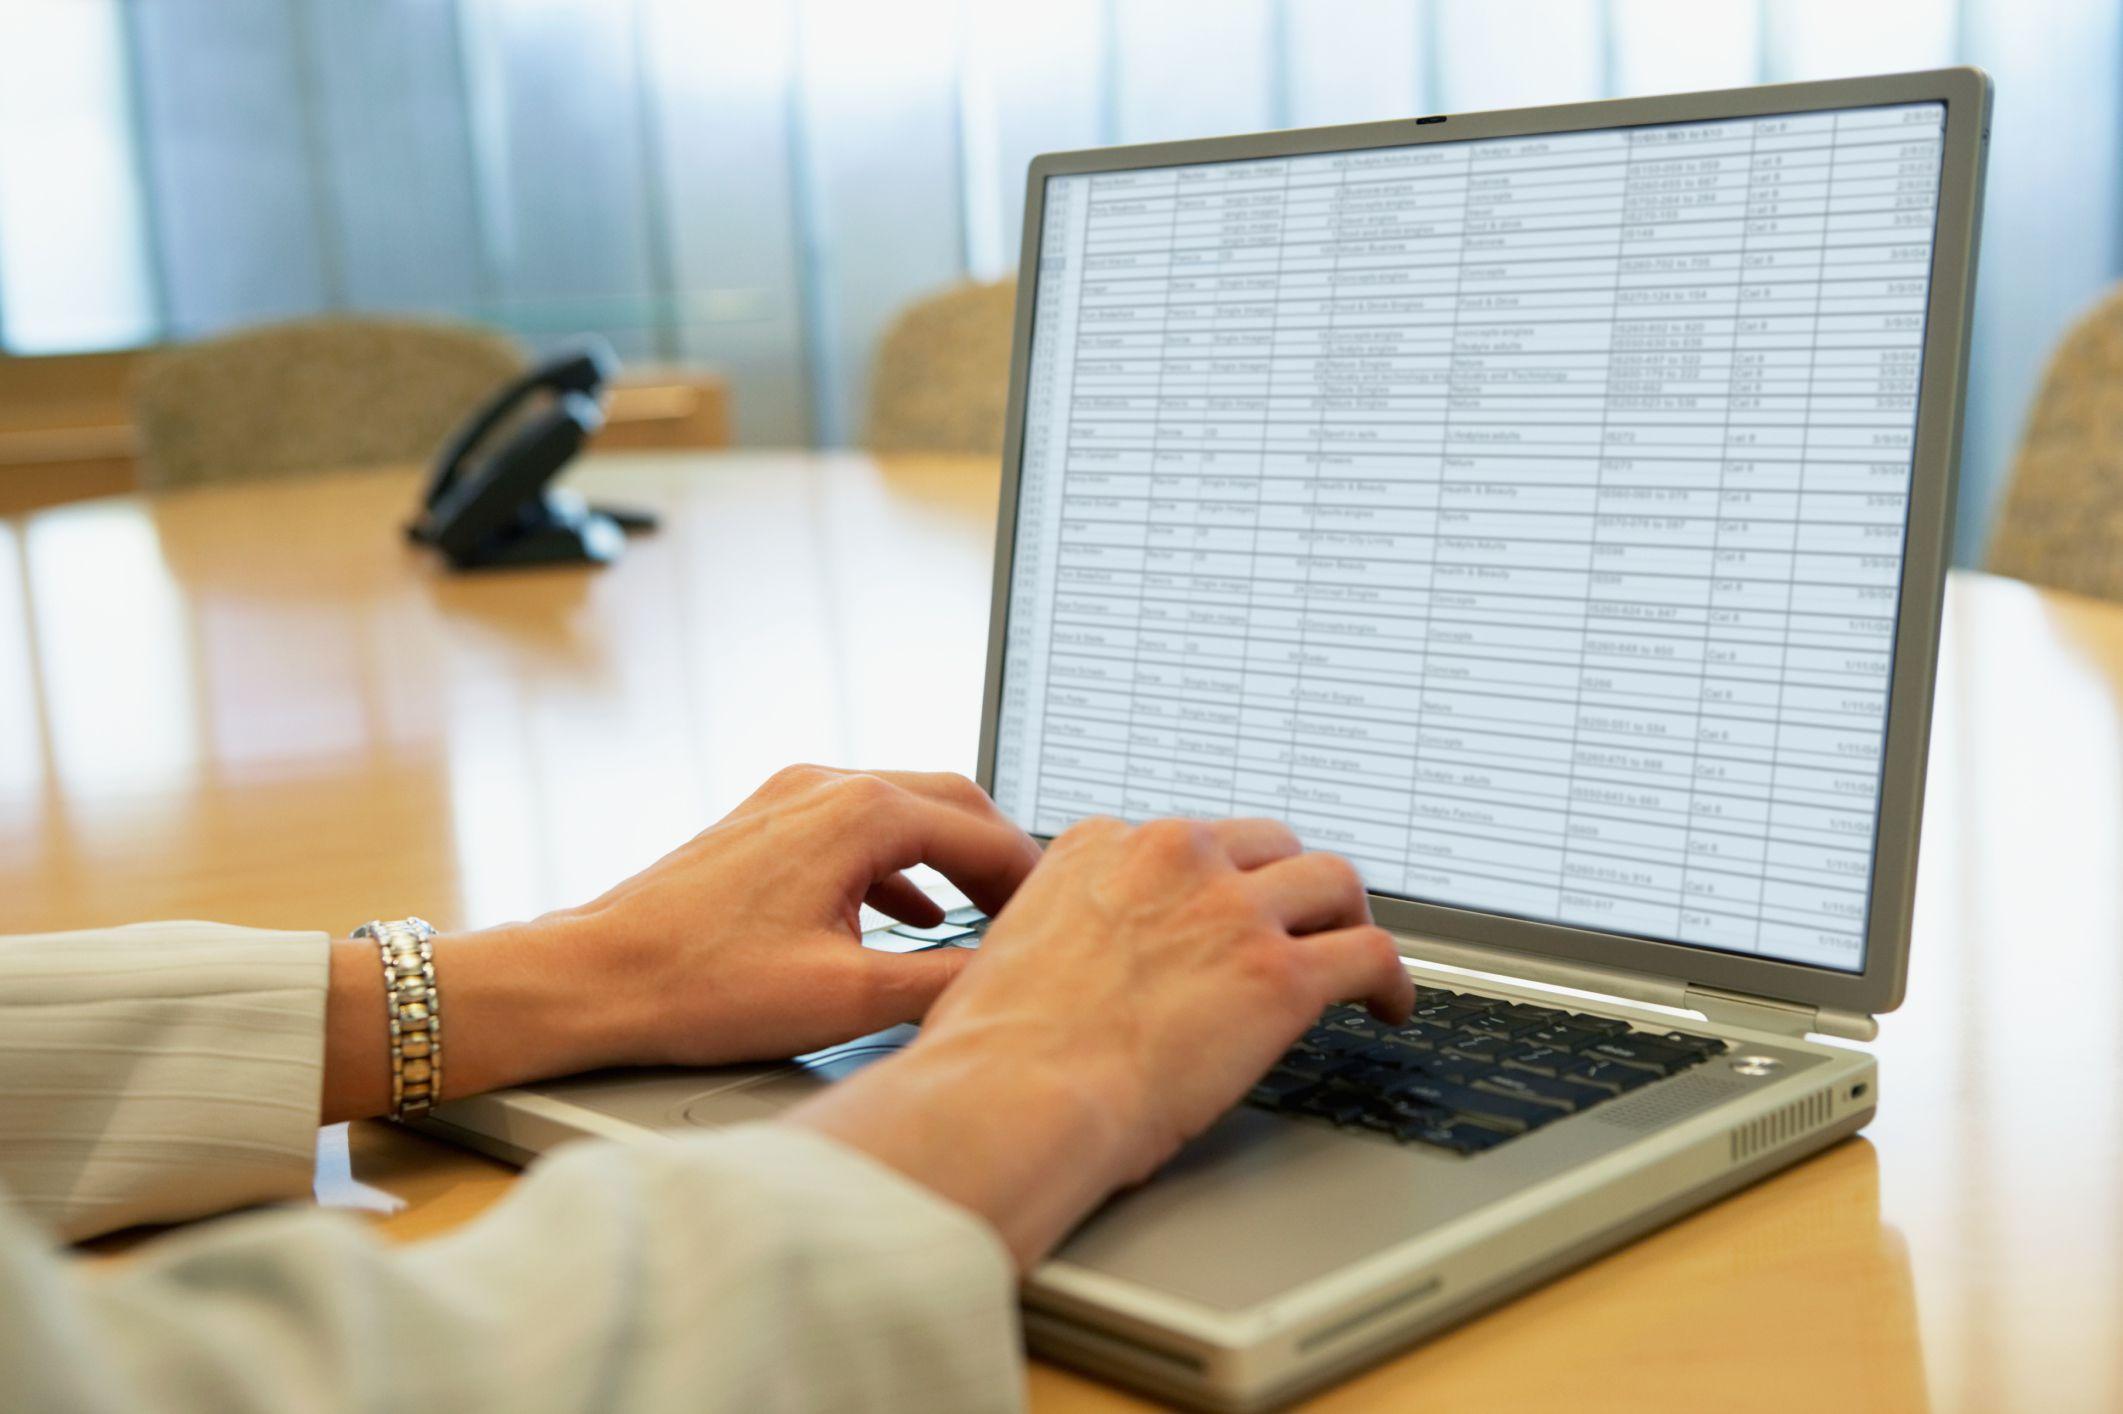 Spreadsheets Vs Databases